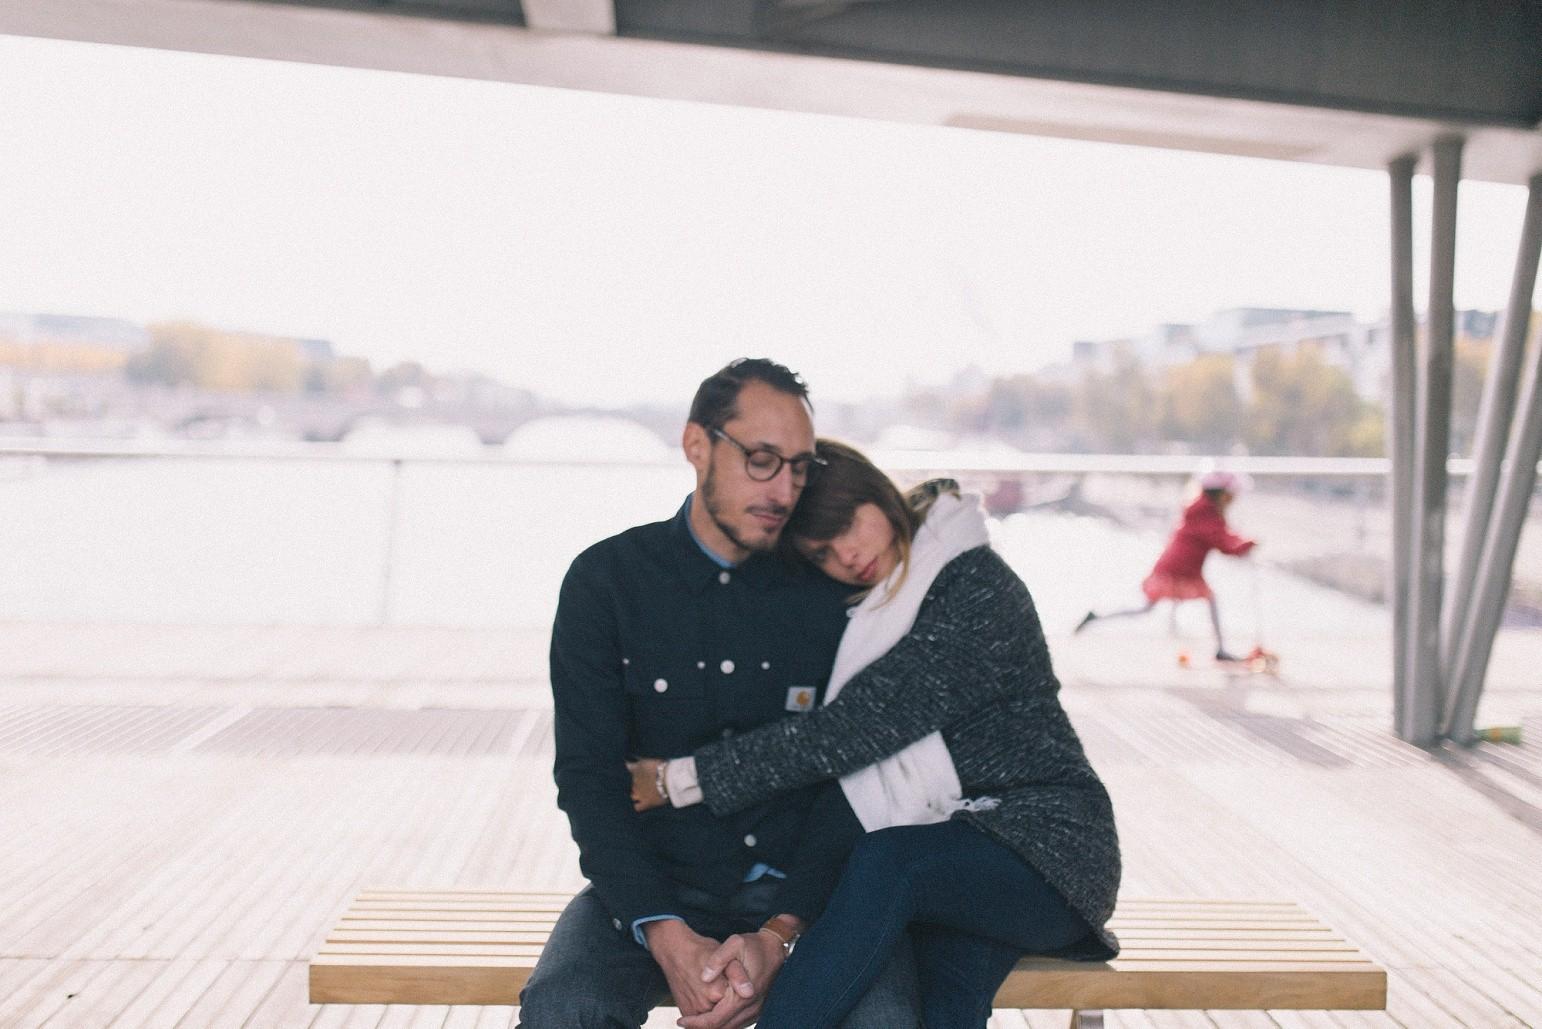 katerynaphotos-mariage-photographe-paysdelaloire-lemans-sarthe-sud_0563.jpg